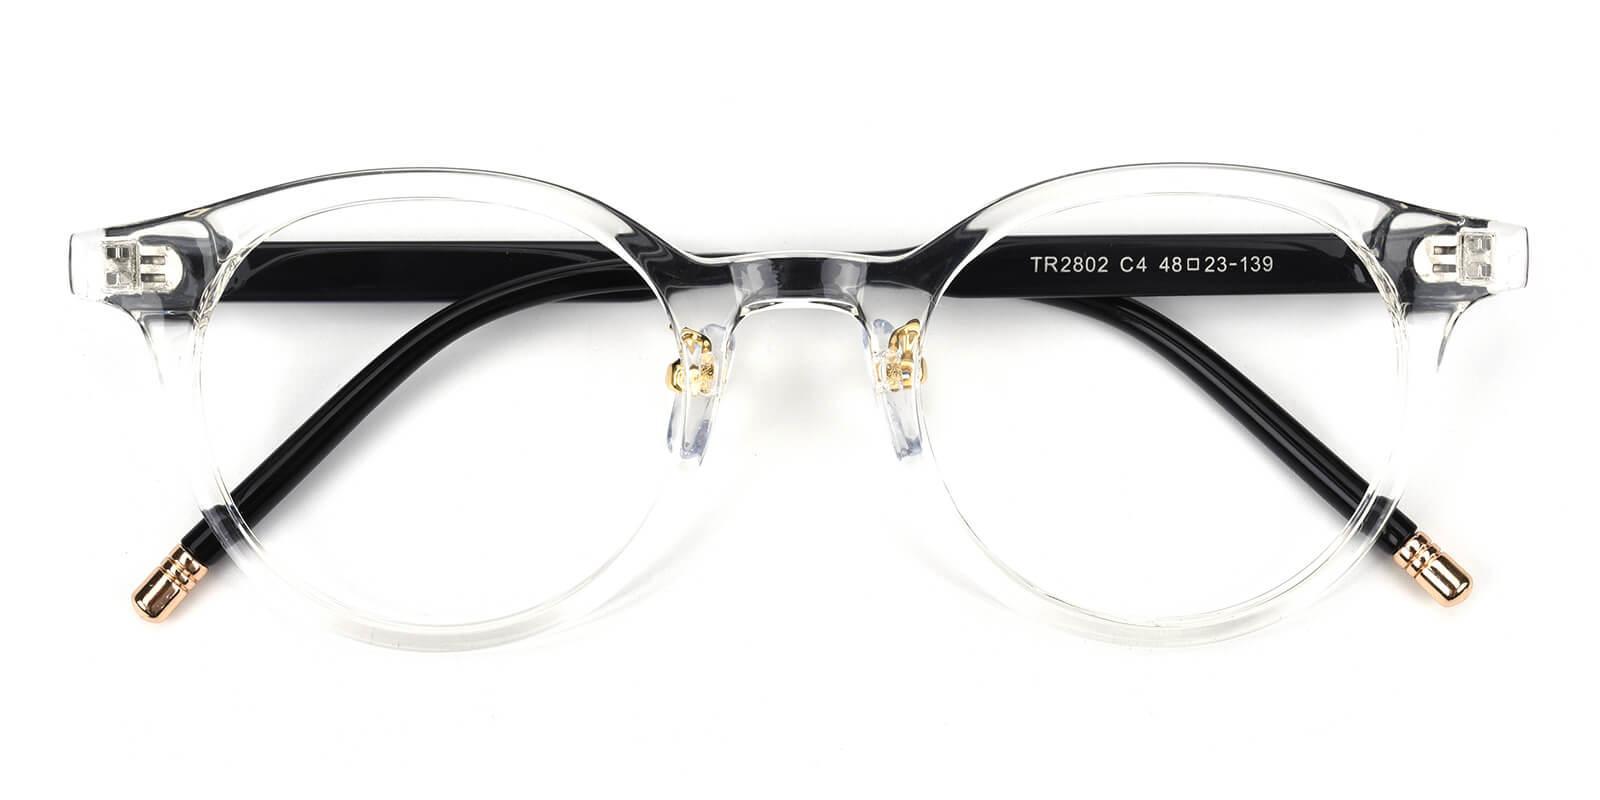 Kron-Translucent-Round-TR-Eyeglasses-detail